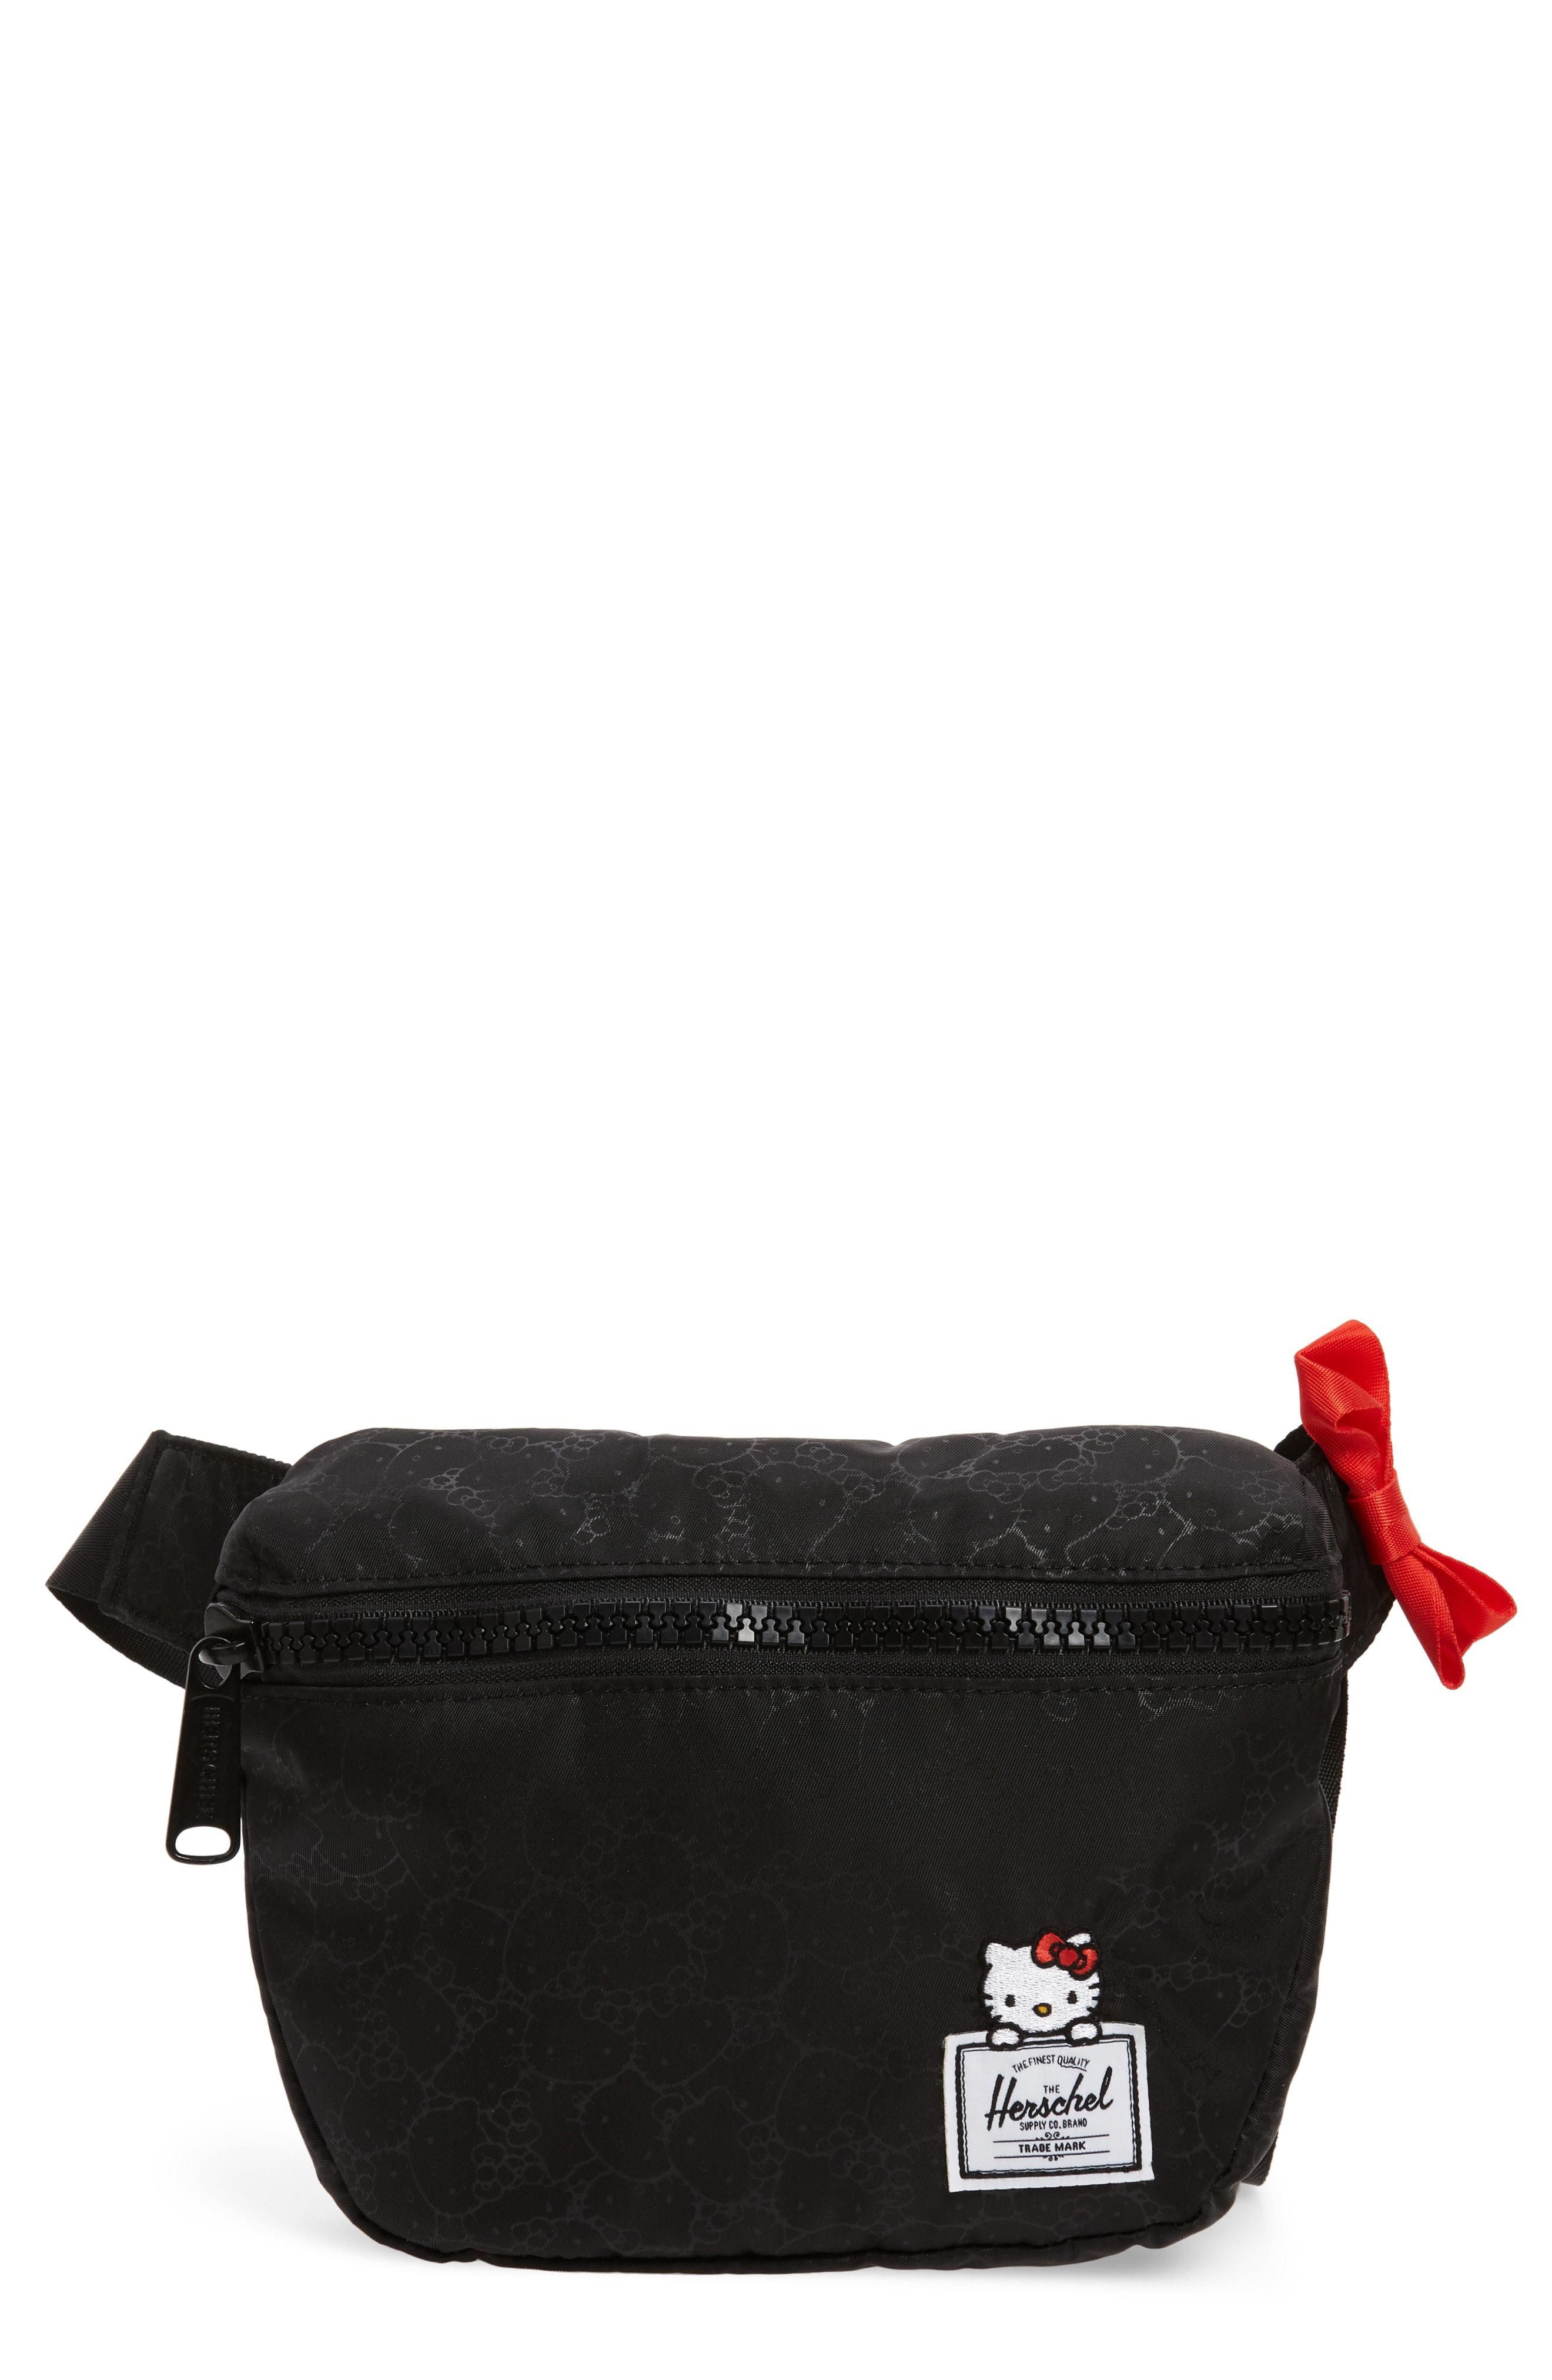 400dc5a76845 Herschel Supply Co. X Hello Kitty Fifteen Belt Bag - Black